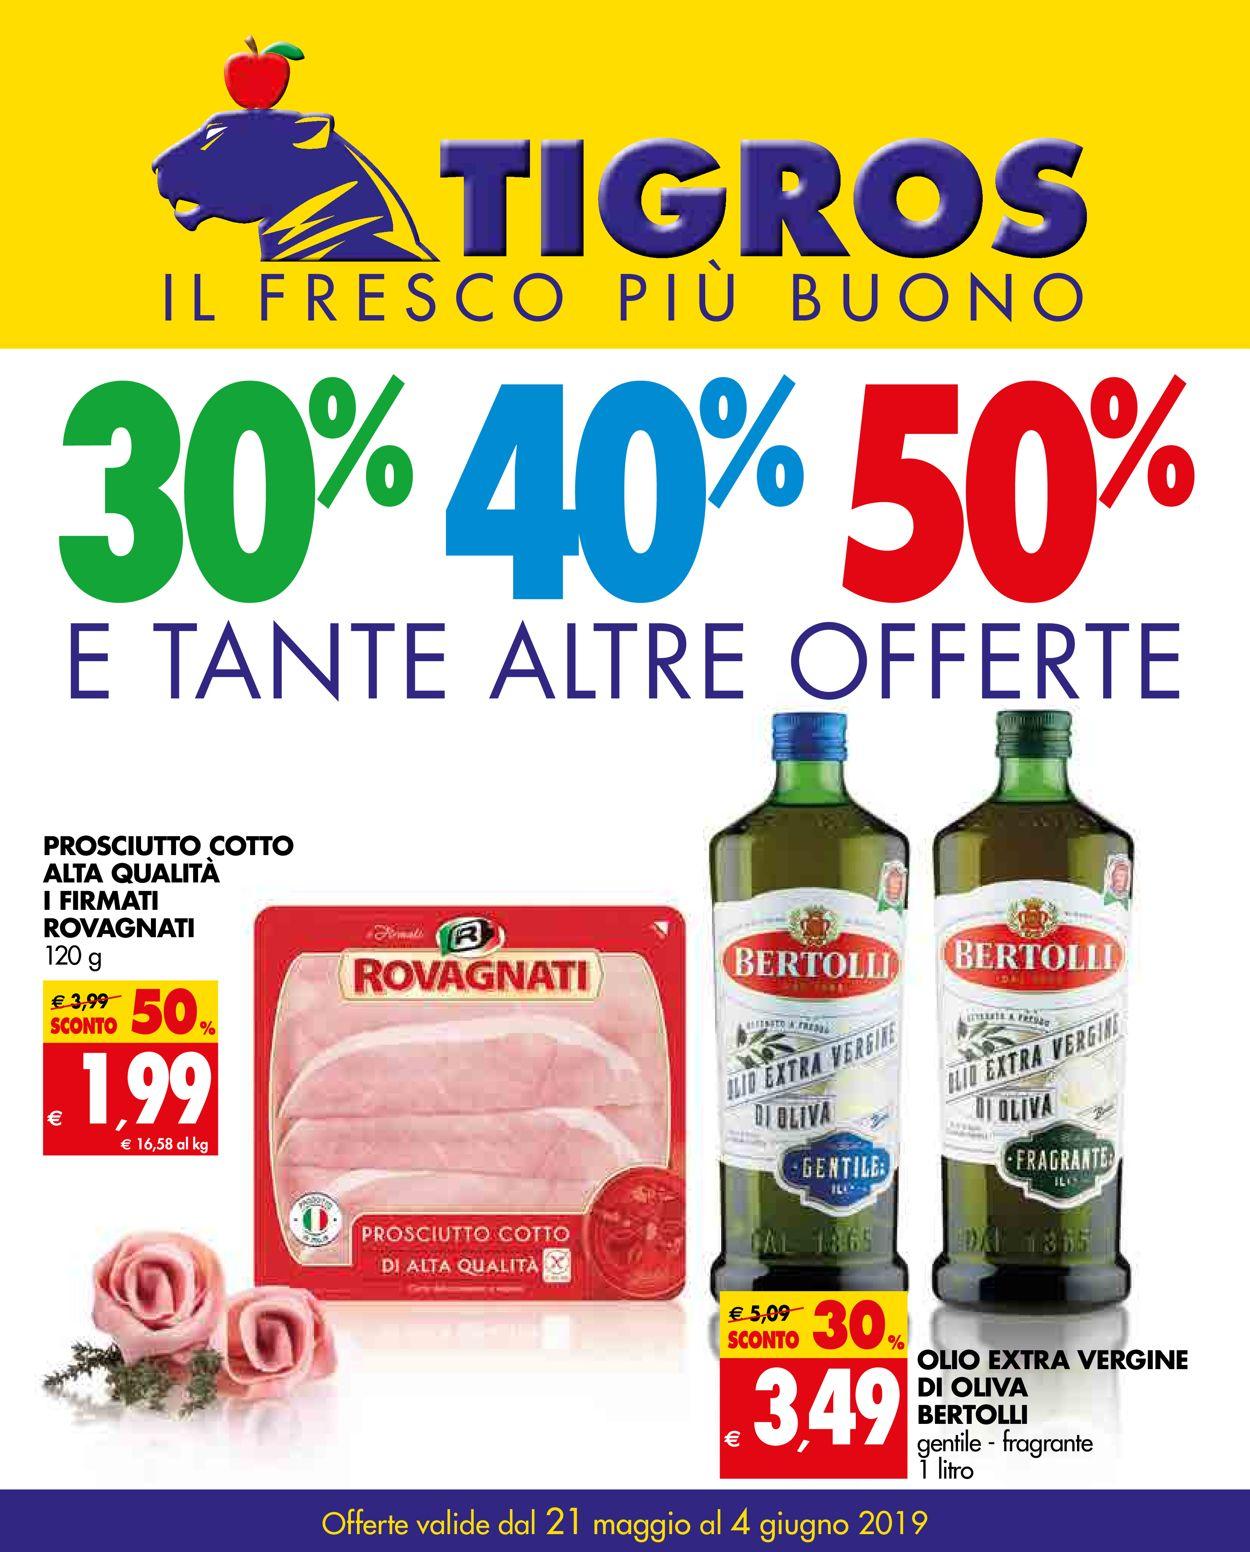 Volantino Tigros - Offerte 21/05-04/06/2019